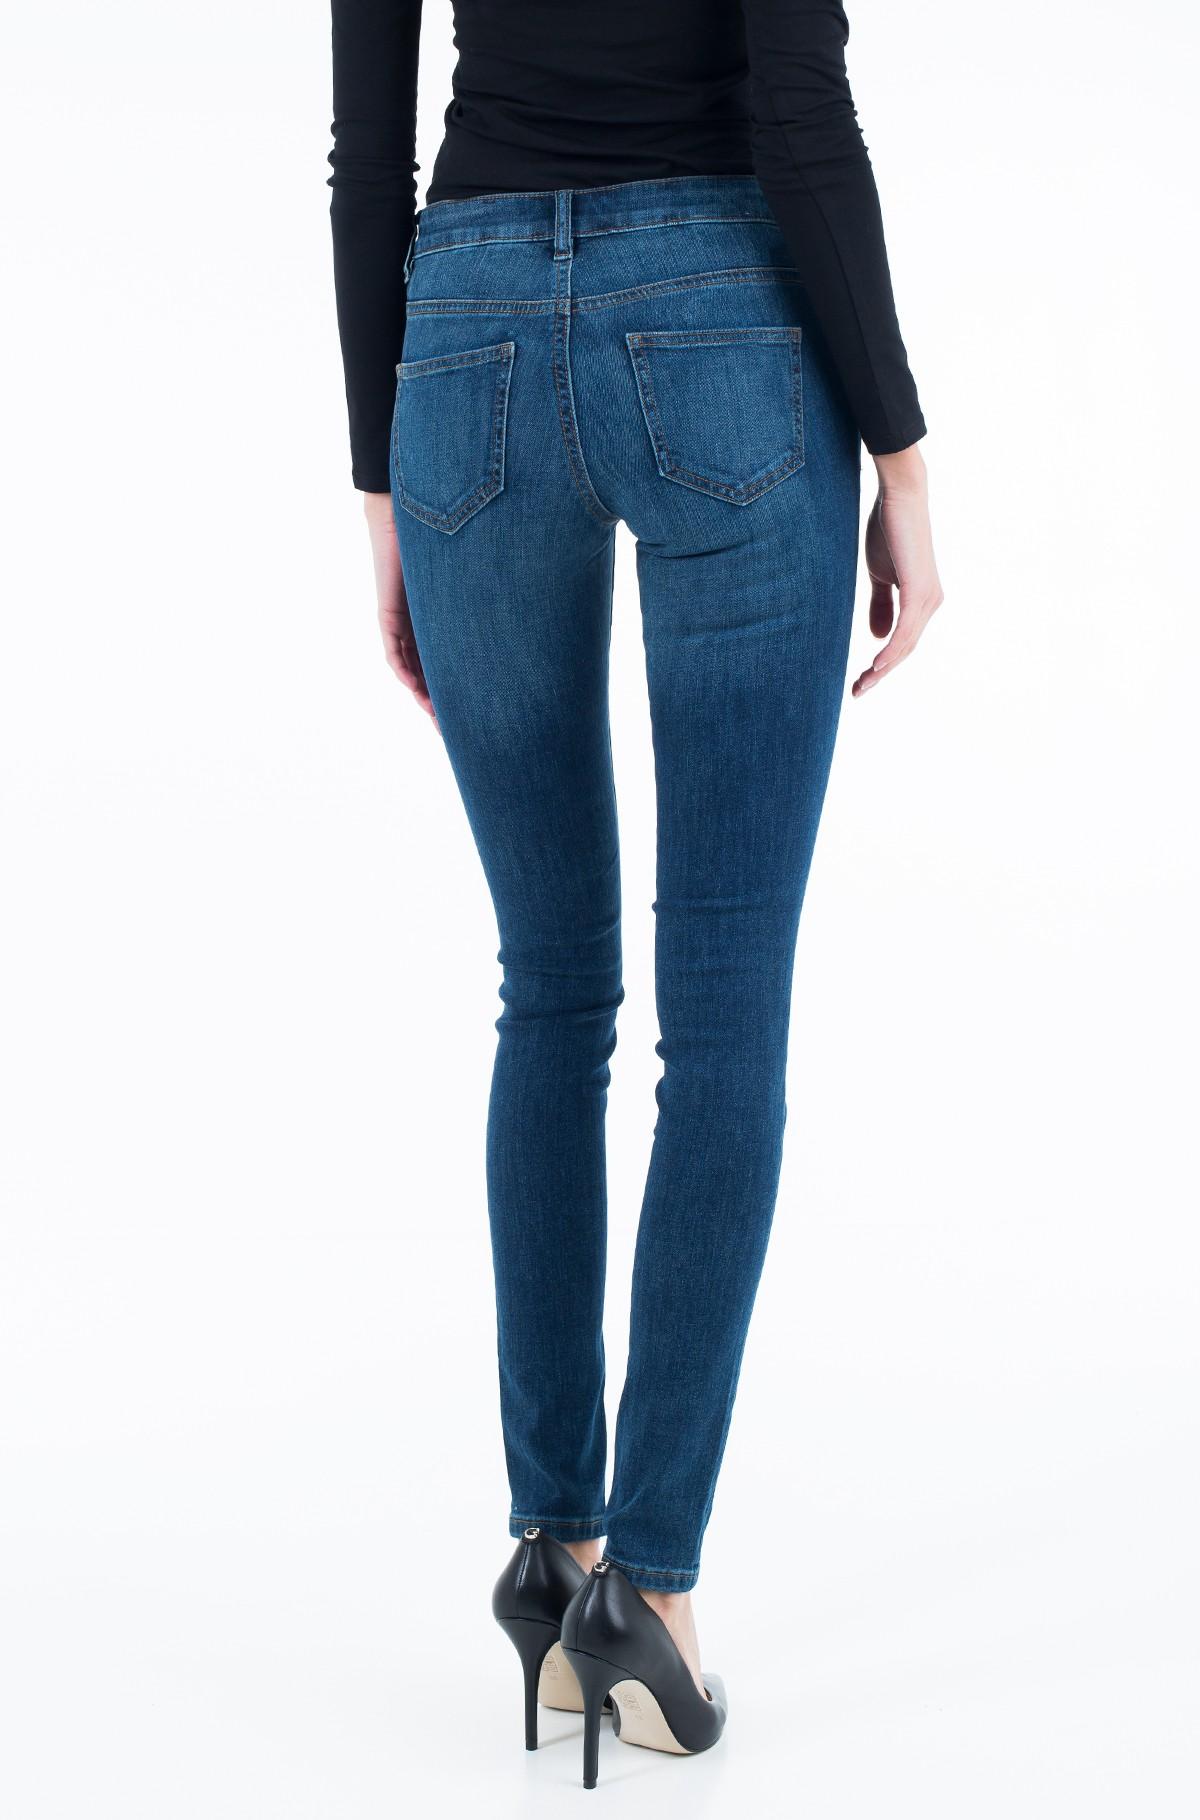 Jeans 6205235.09.70-full-2